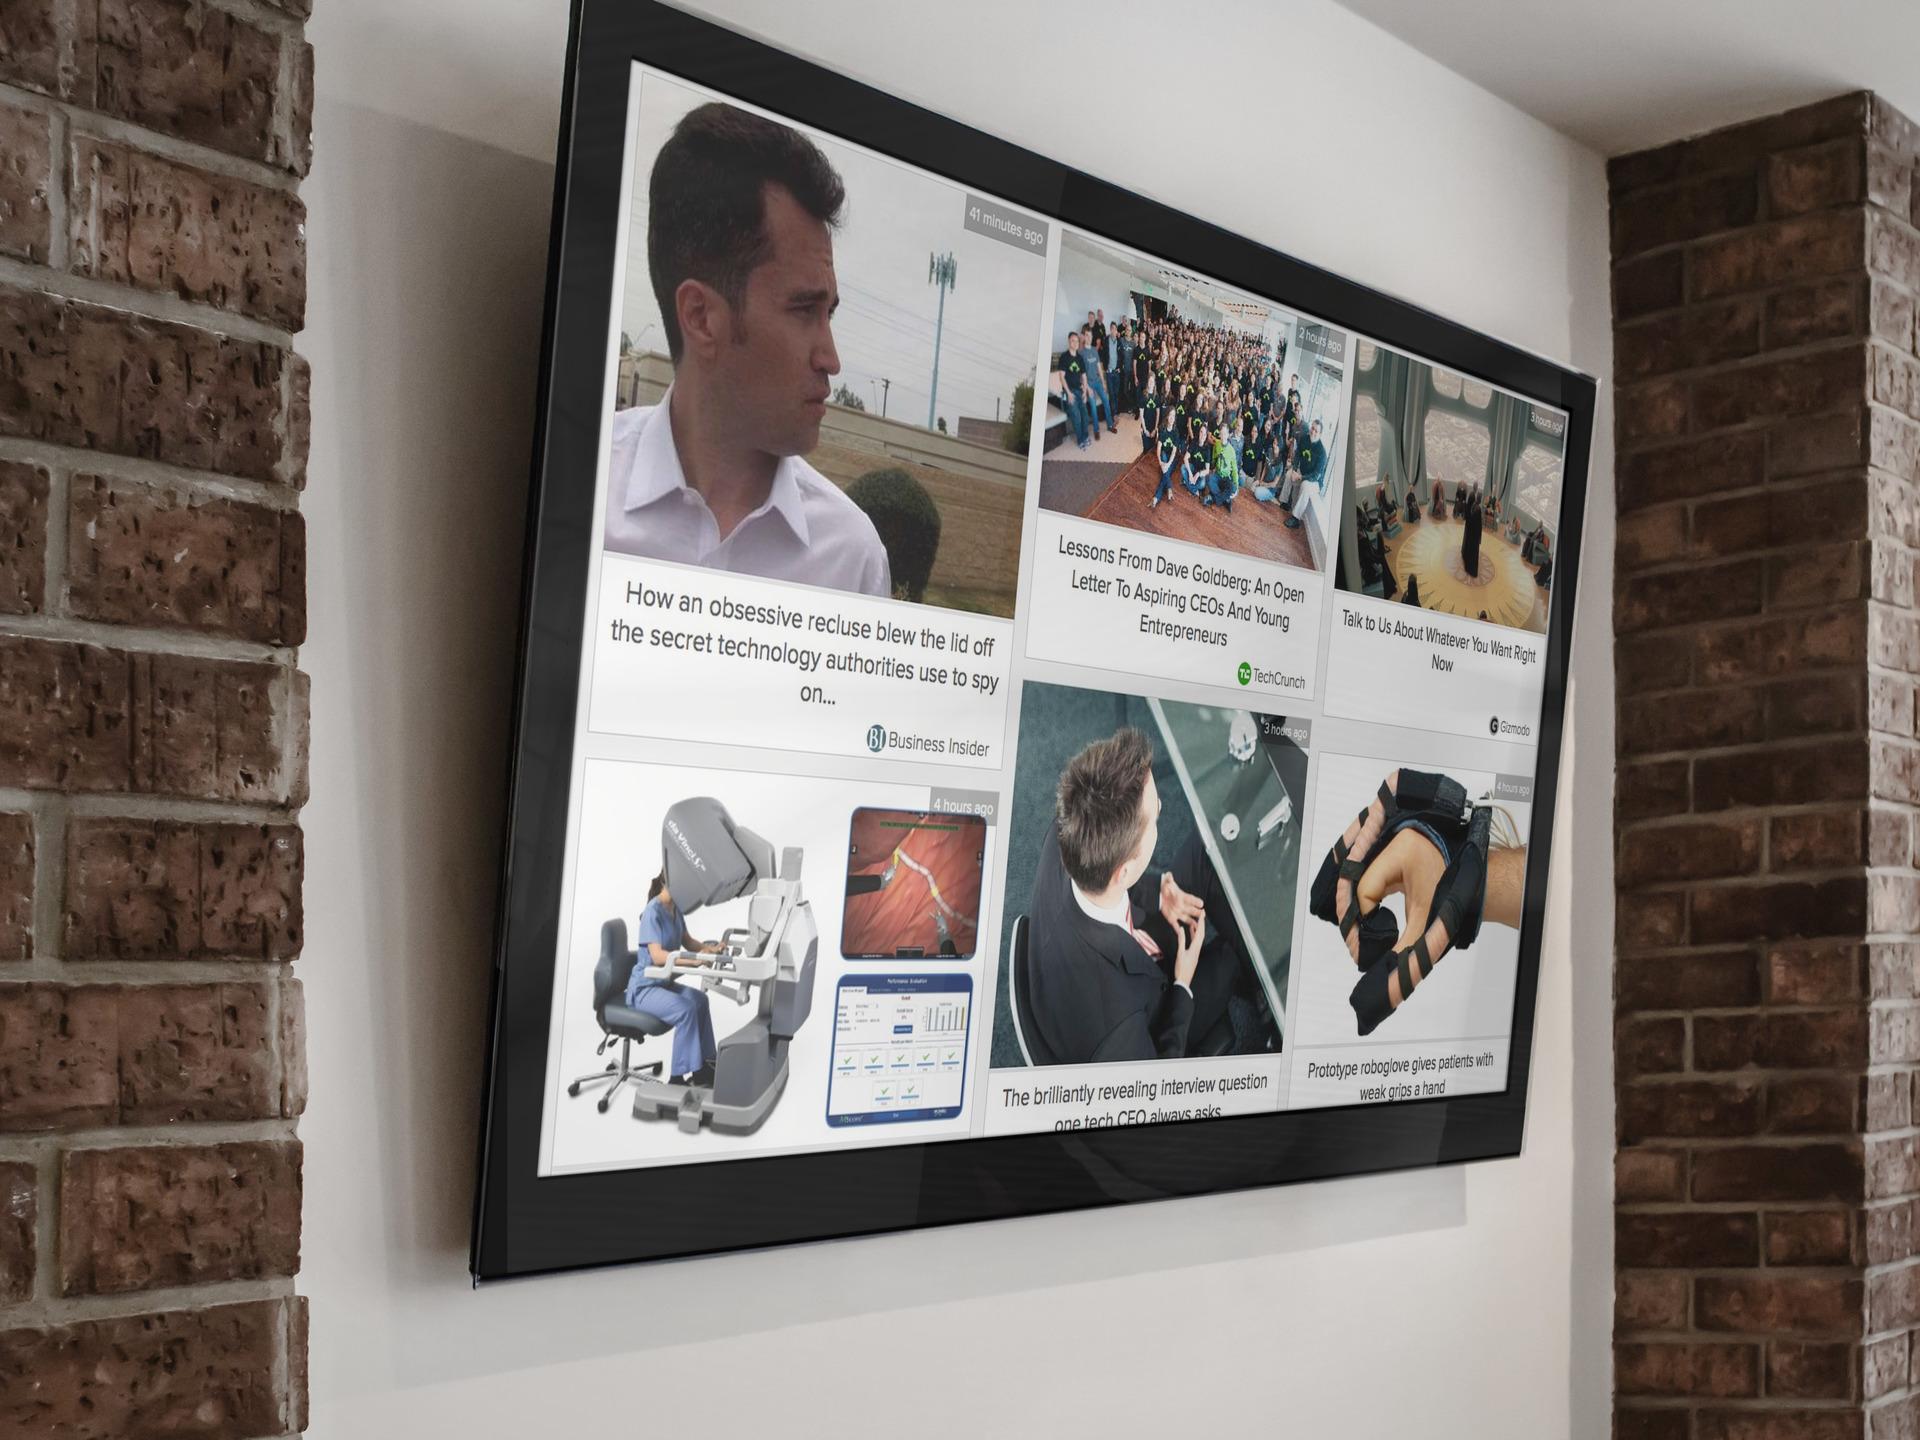 industry news on office tvs